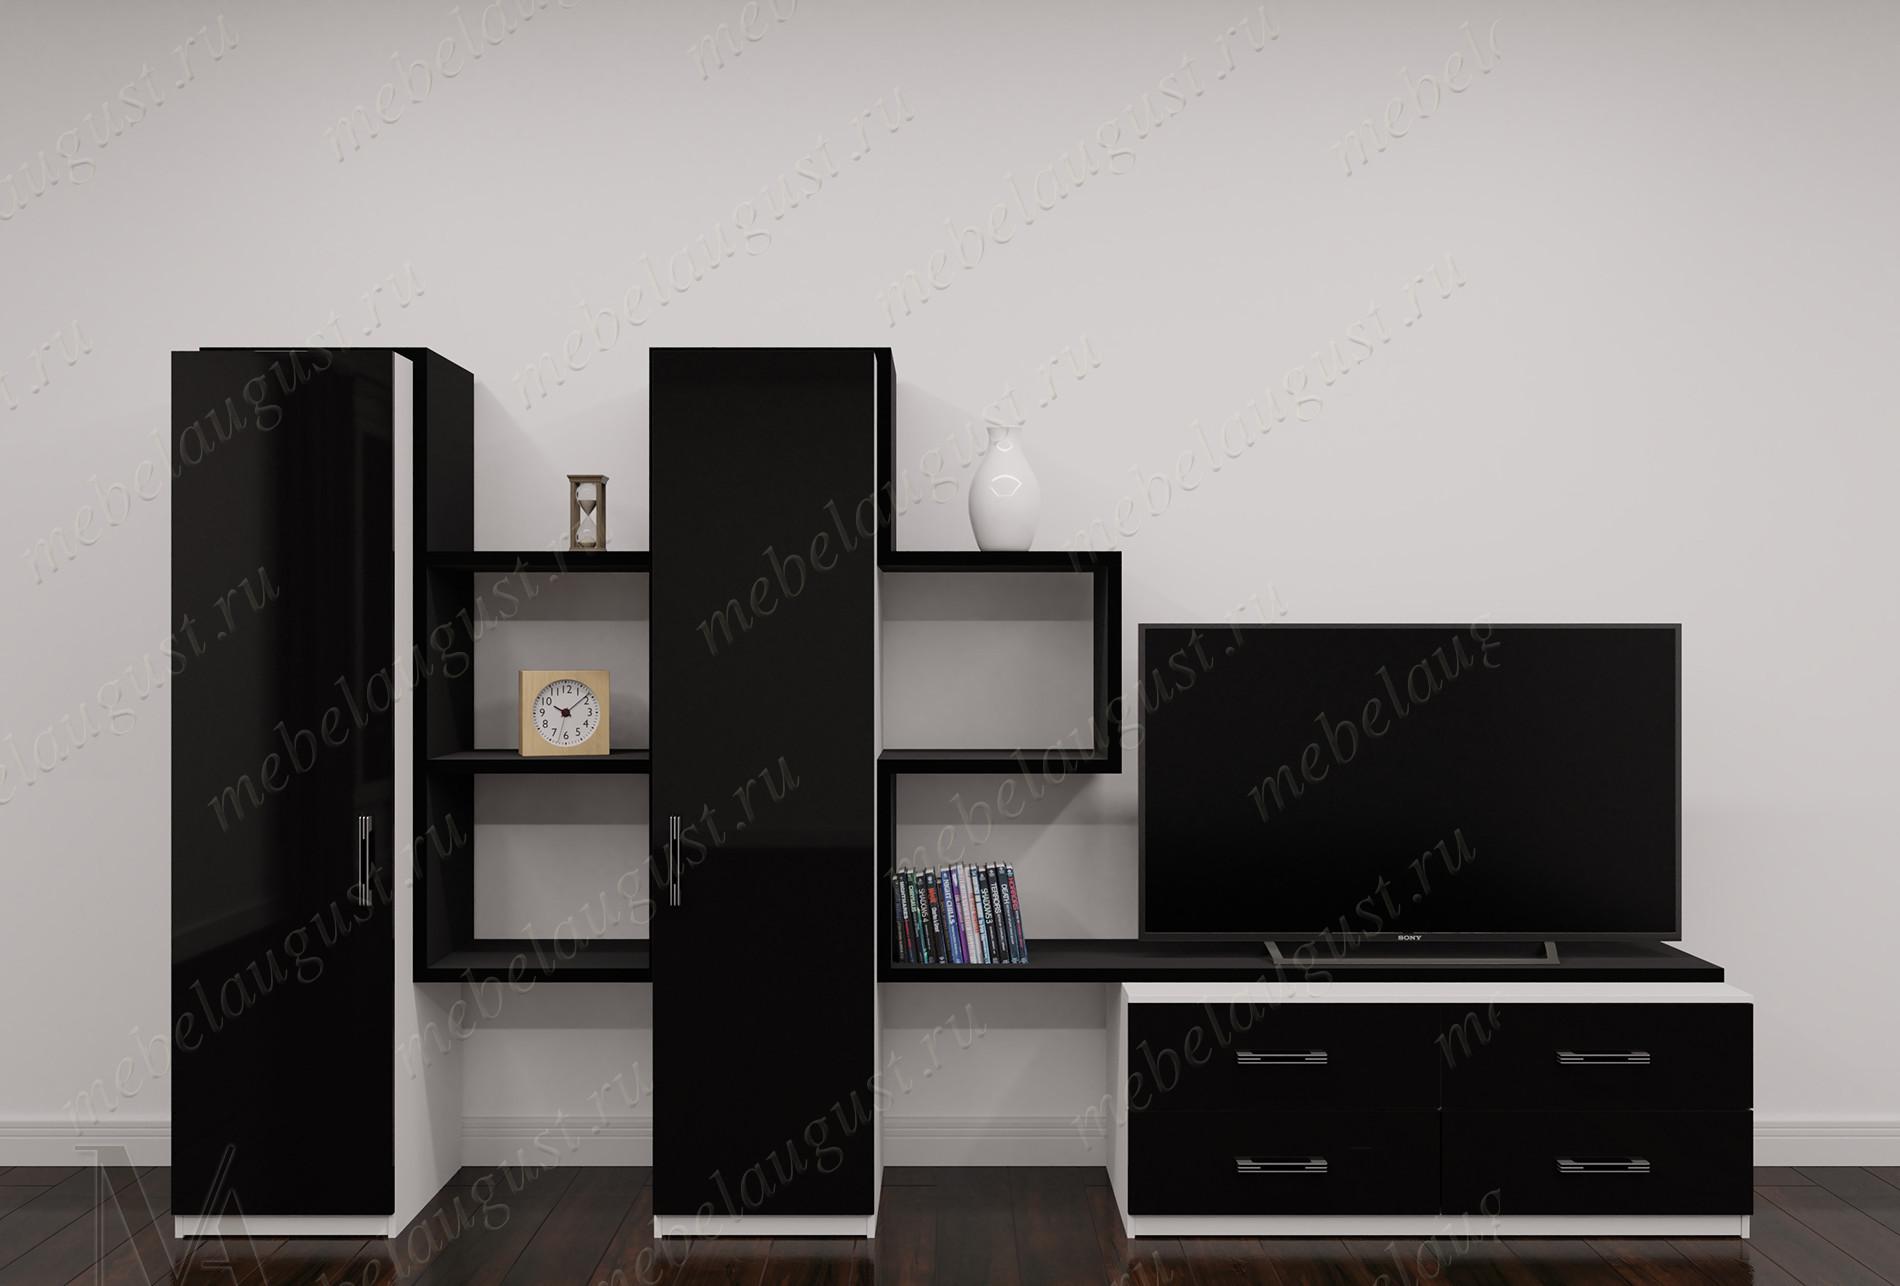 Маленькая стенка в гостиную под телевизор для спальни цвета черно-белый глянец